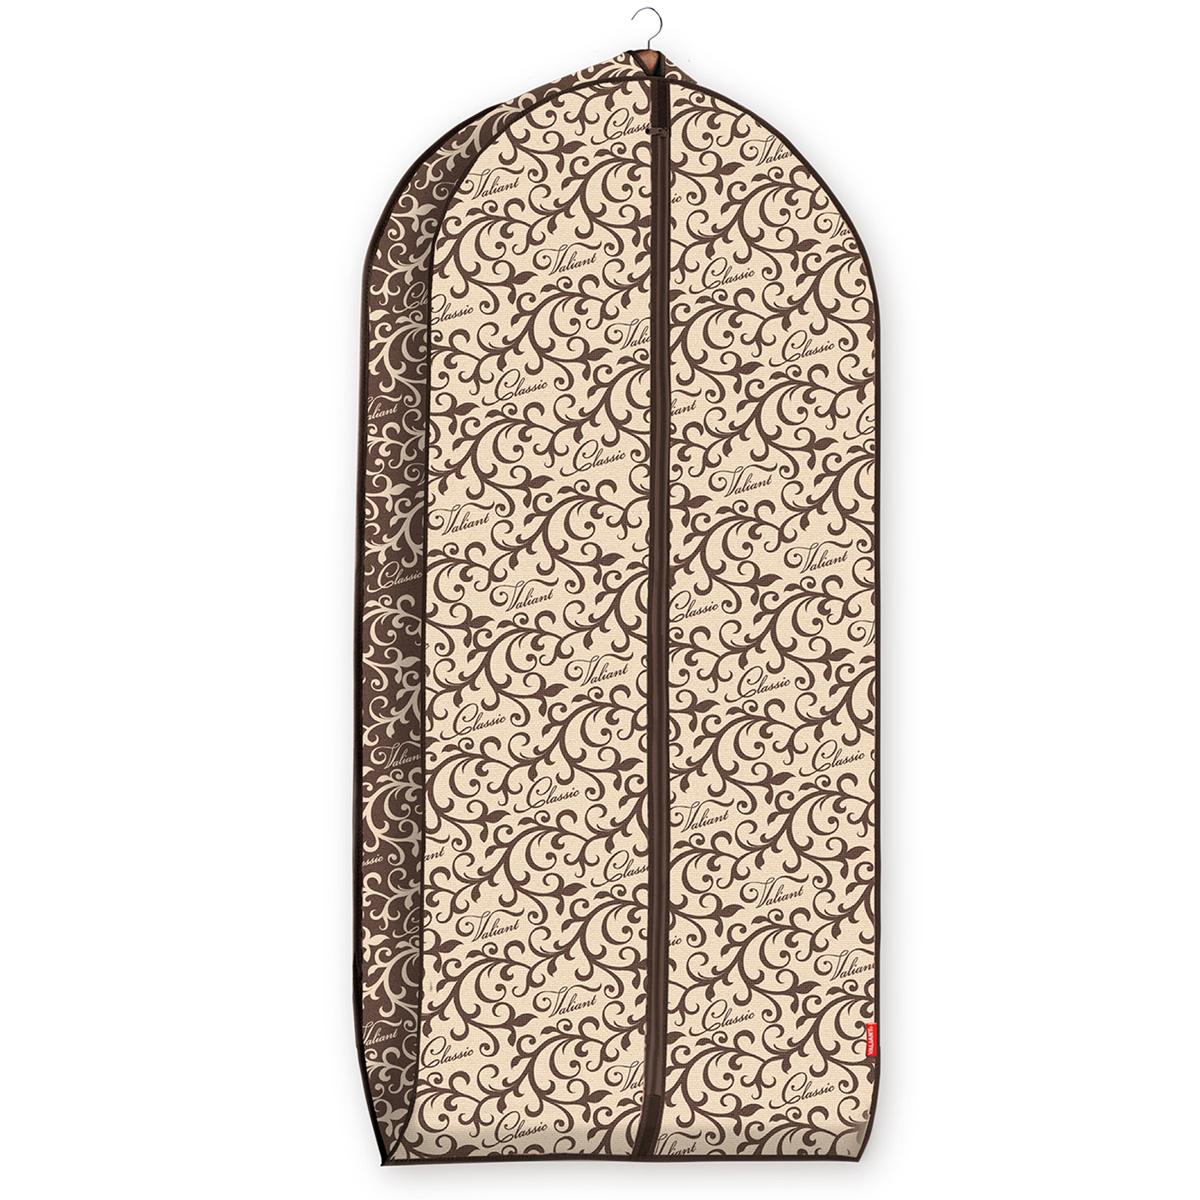 Чехол для одежды Valiant Classic, объемный, 60 см х 137 см х 10 см6113MЧехол для одежды Valiant Classic изготовлен из высококачественного нетканого материала, который обеспечивает естественную вентиляцию, позволяя воздуху проникать внутрь, но не пропускает пыль. Чехол очень удобен в использовании. Наличие боковой вставки увеличивает объем чехла, что позволяет хранить крупные объемные вещи. Чехол легко открывается и закрывается застежкой-молнией. Идеально подойдет для хранения одежды и удобной перевозки. Оригинальный дизайн Classic придется по вкусу ценительницам прекрасного. Система хранения станет стильным акцентом в современном гардеробе.